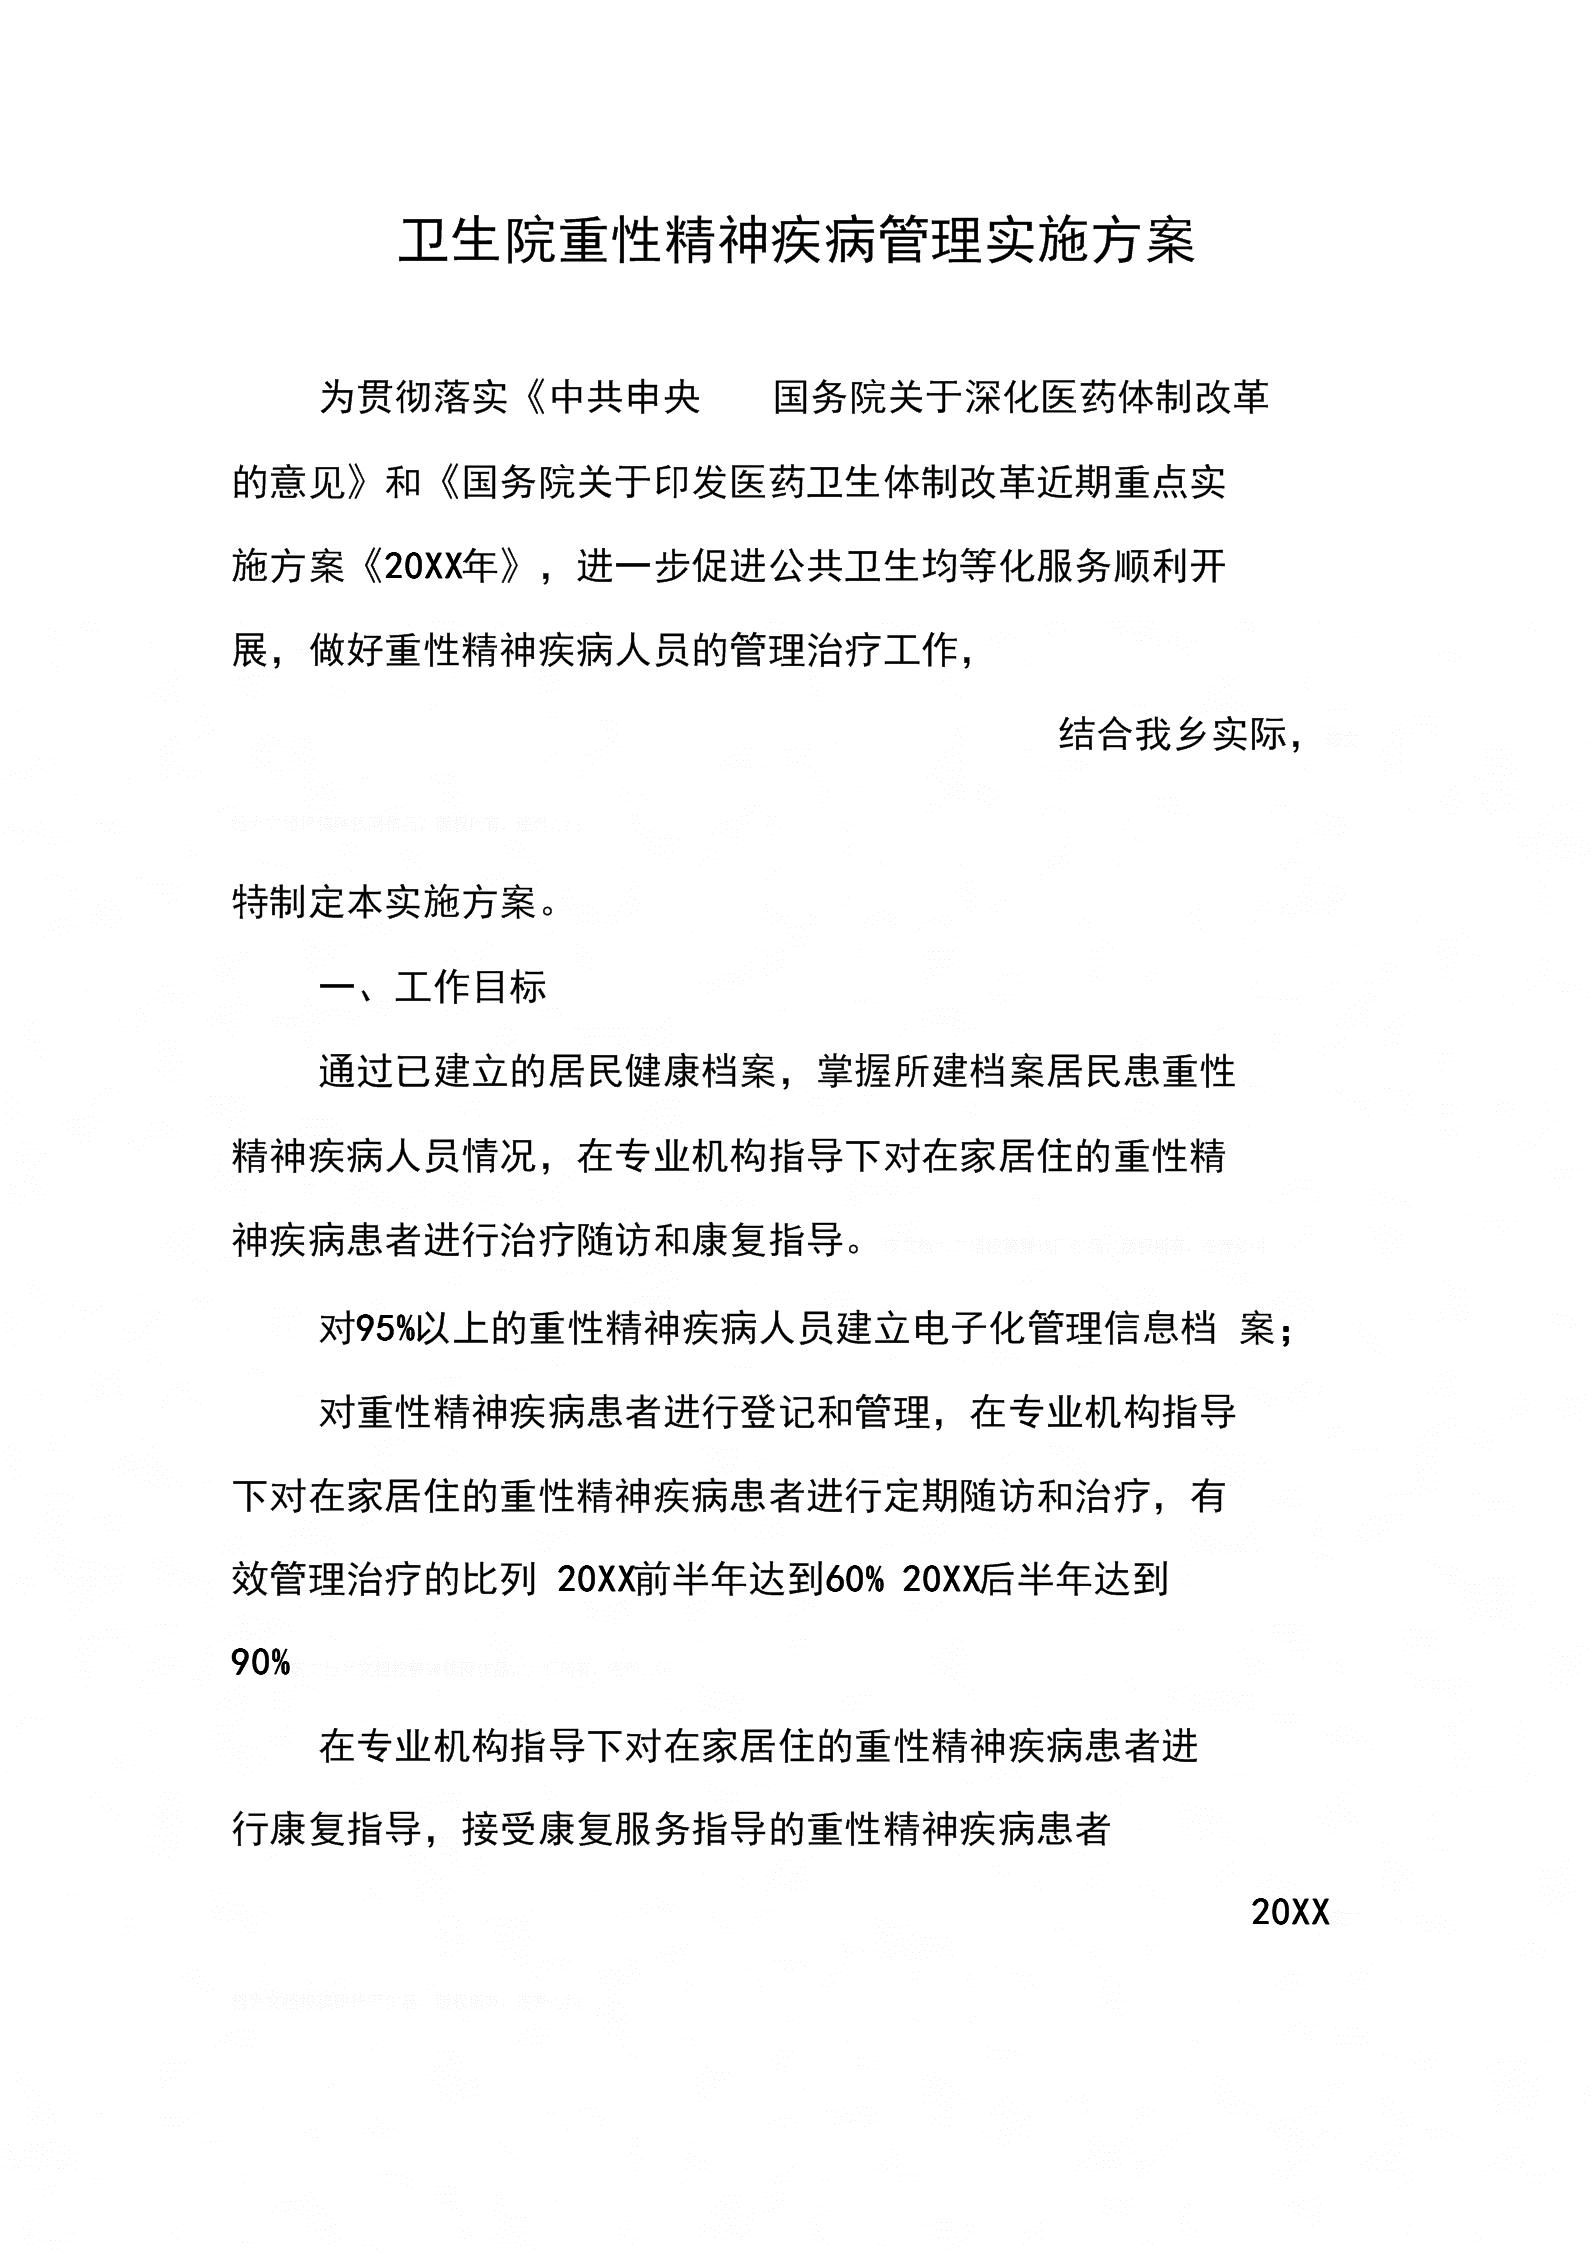 卫生院重性精神疾病管理实施方案.docx